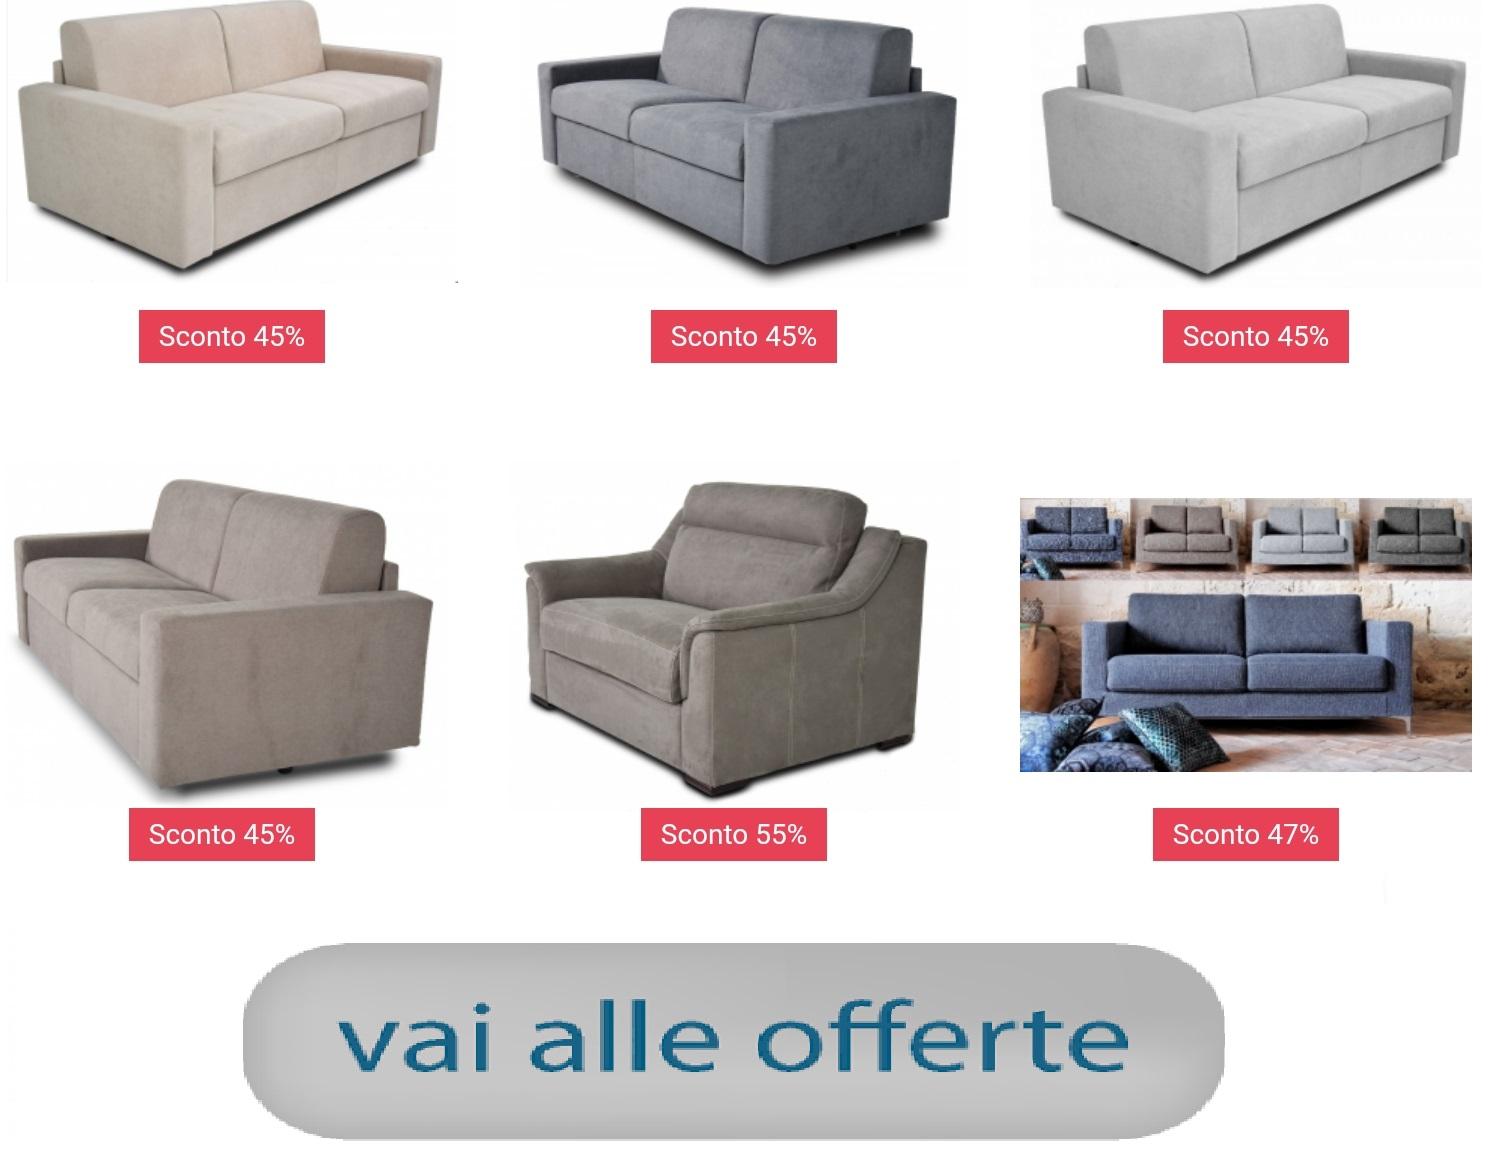 Divani Letto Angolari Offerte.Divani Store Vendita On Line Divani E Divani Letto In Pronta